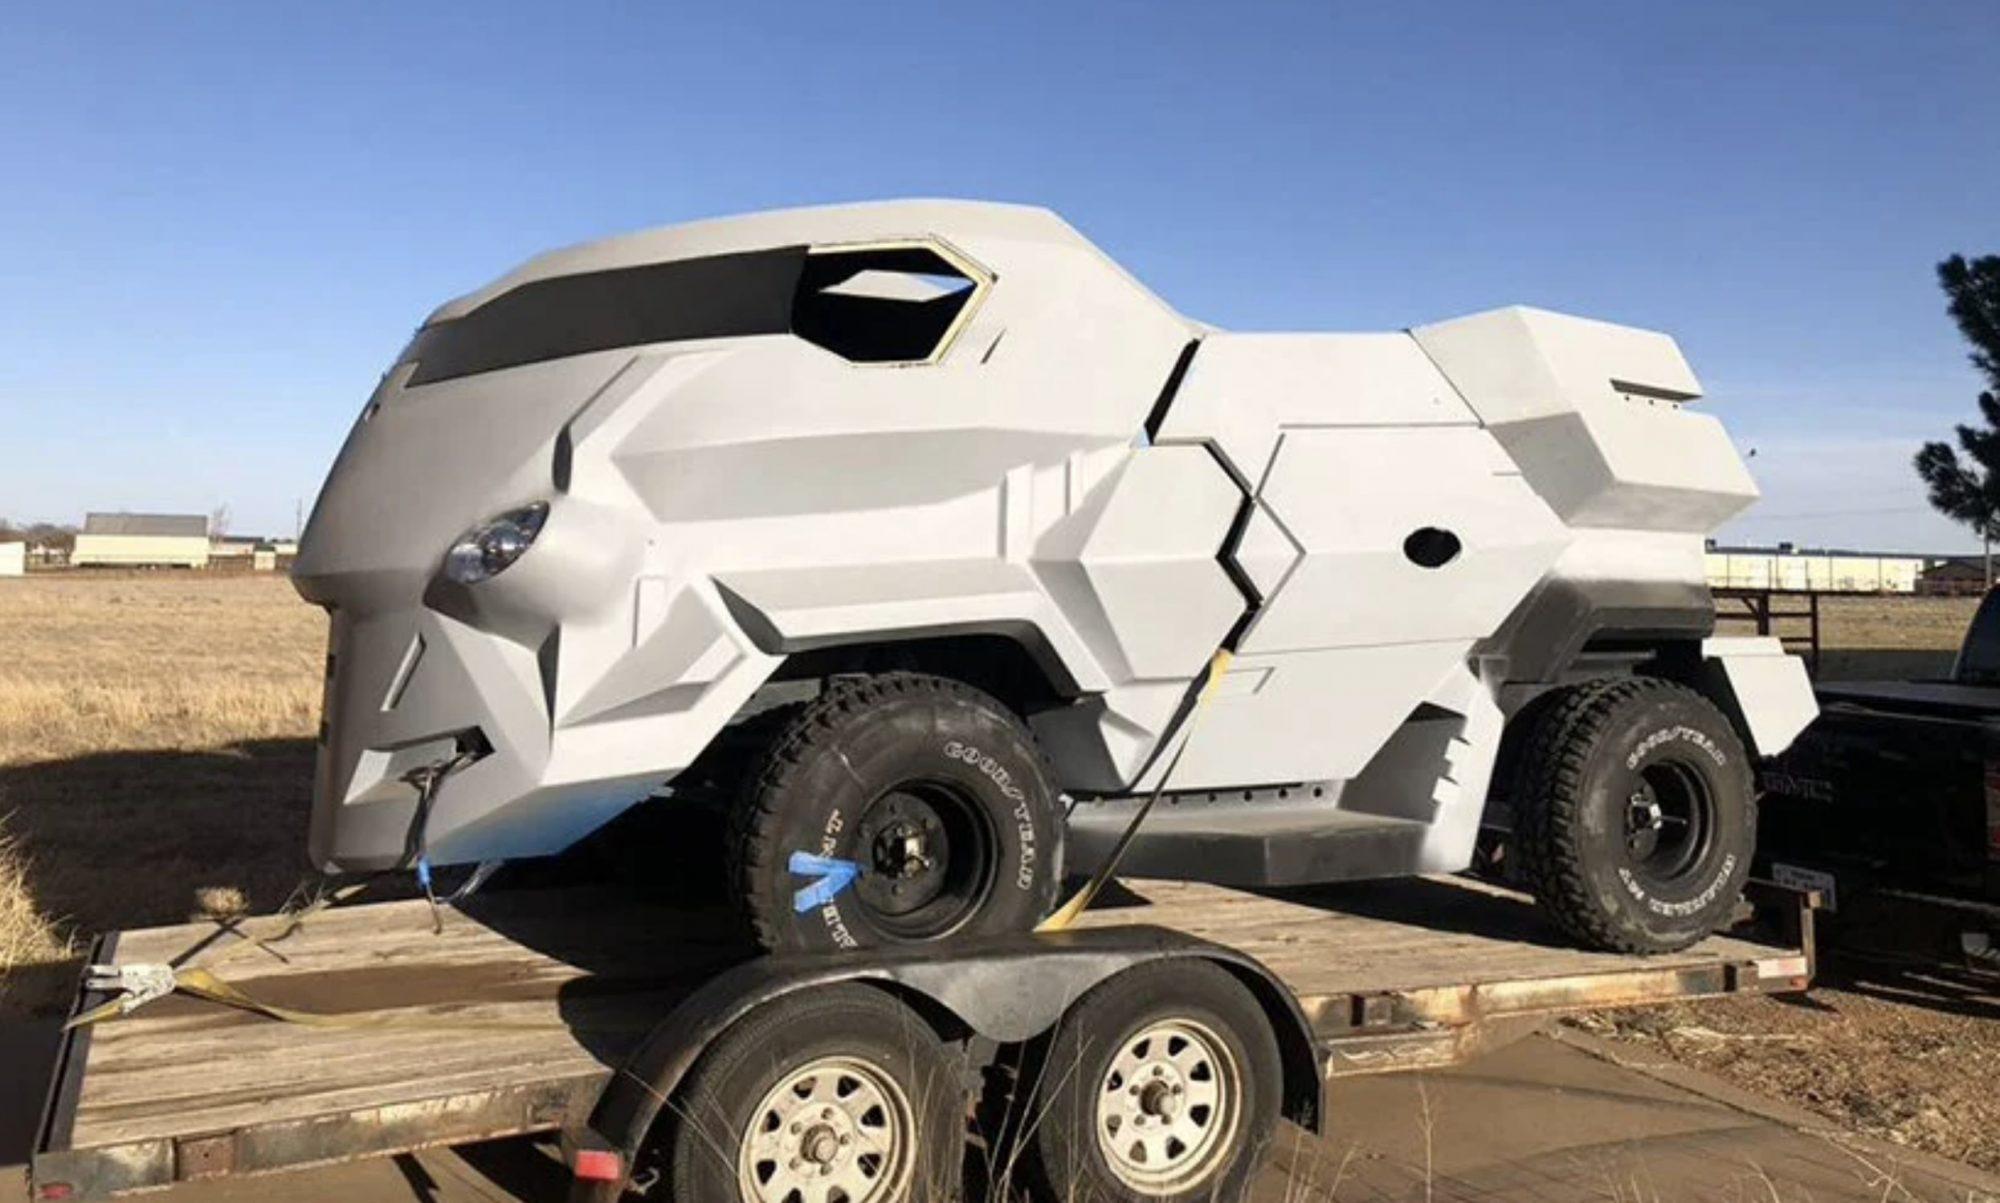 Ce tank du futur coûte moins cher qu'une voiture traditionnelle